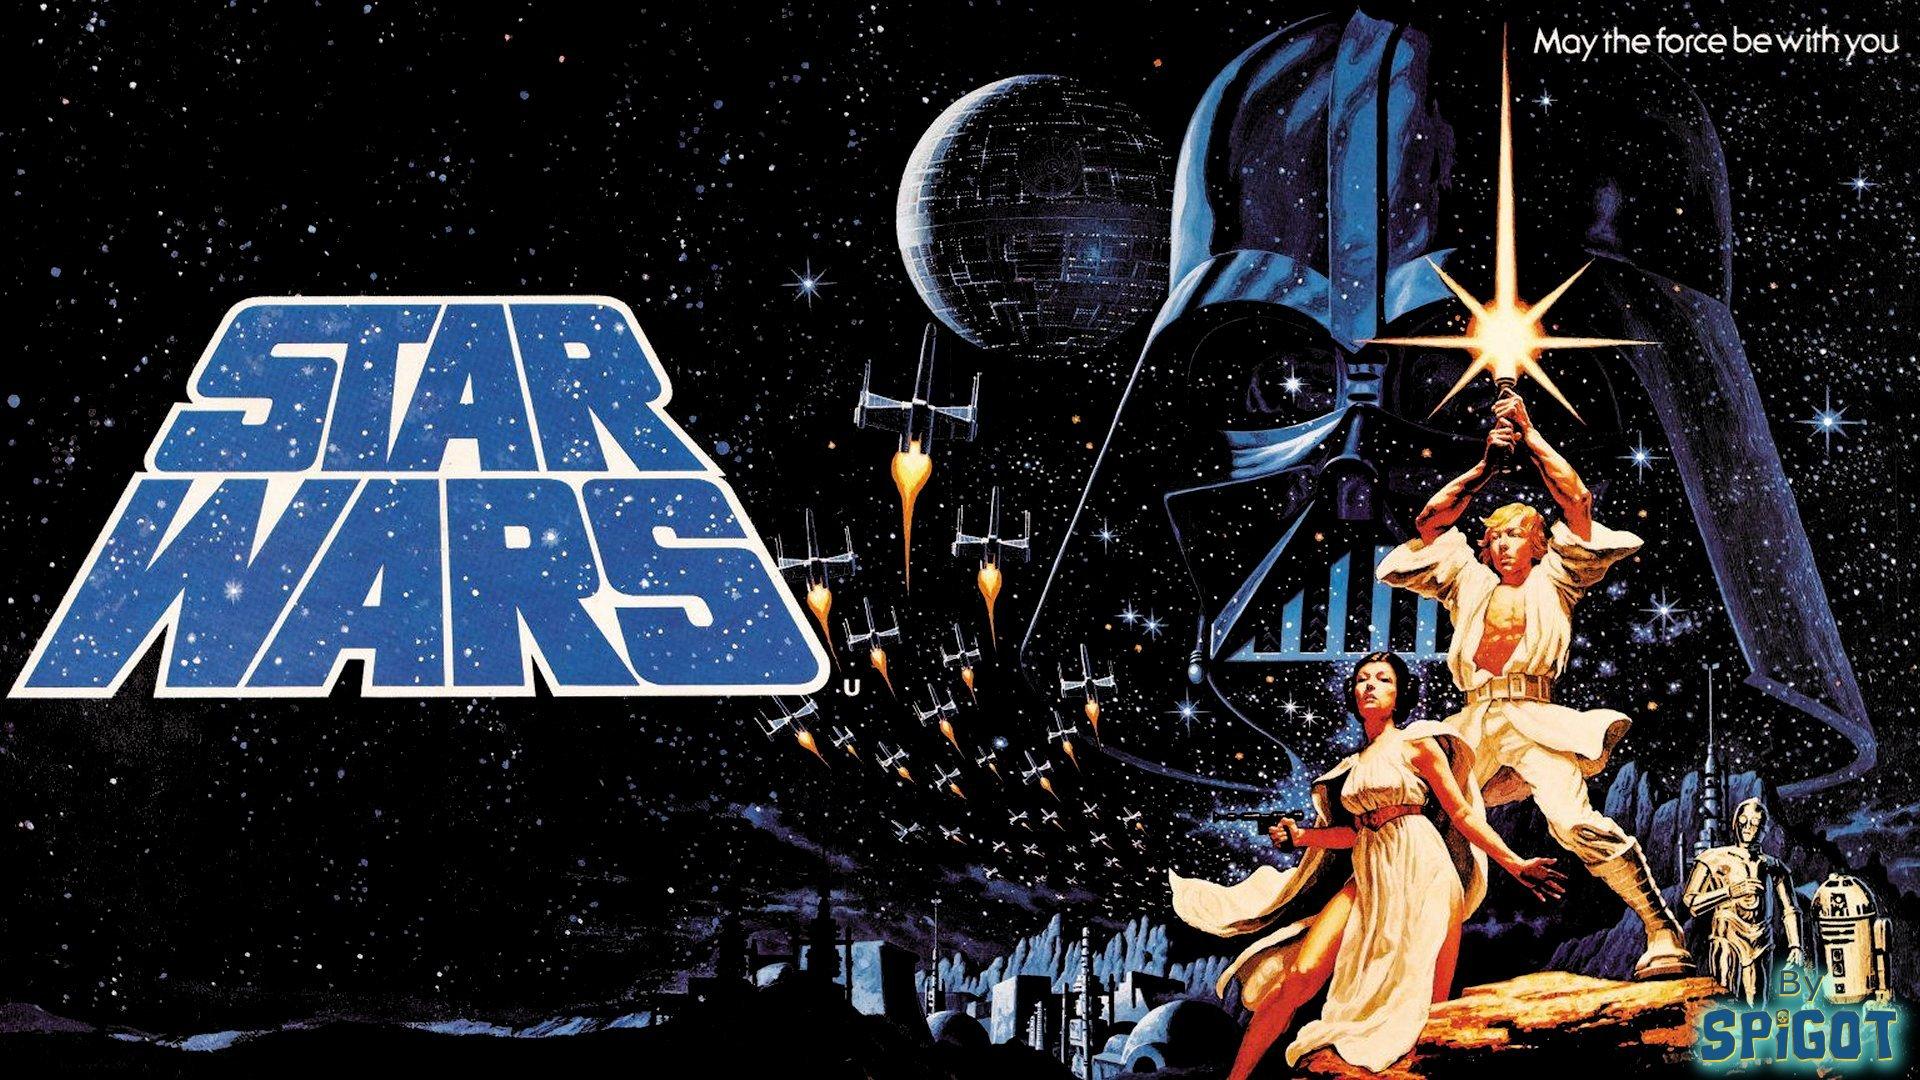 Star Wars Original Unaltered Star Wars